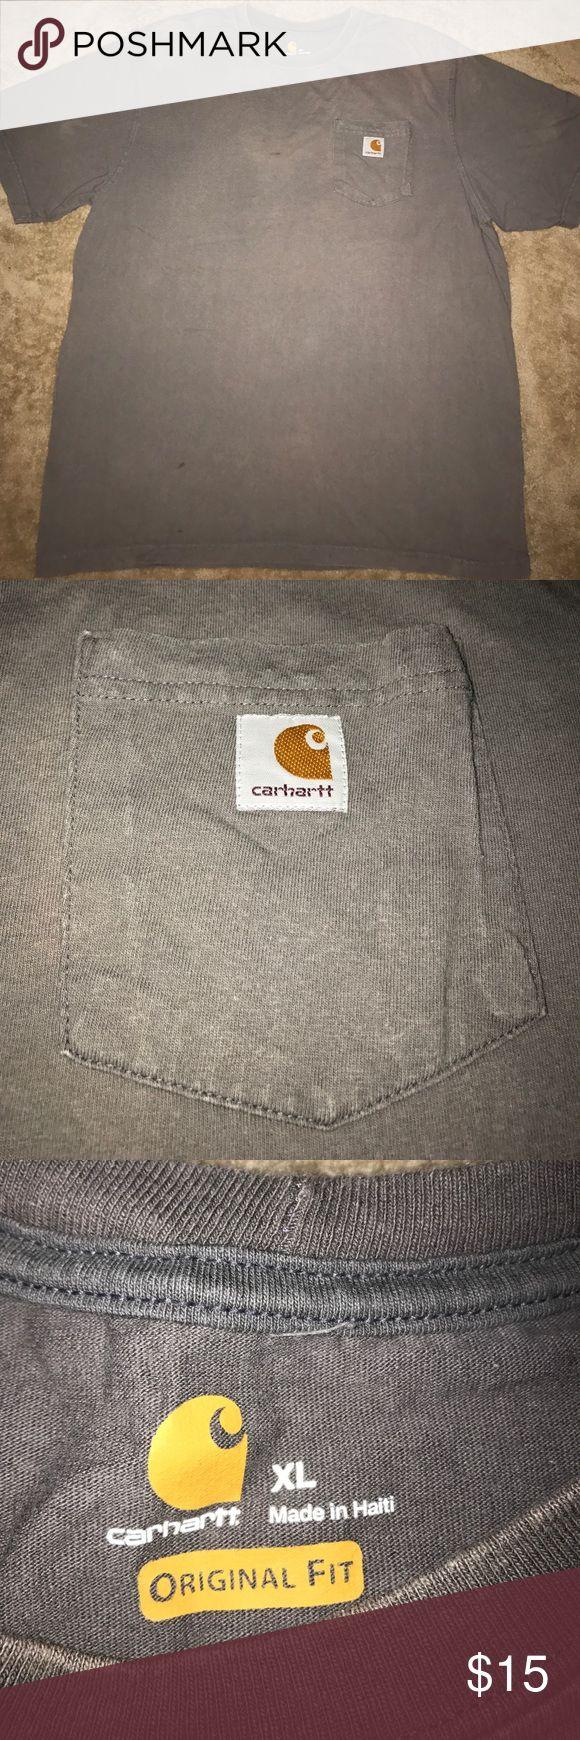 ❗️Carhartt Work Shirt Xl-front pocket Carhartt Shirts Tees - Short Sleeve